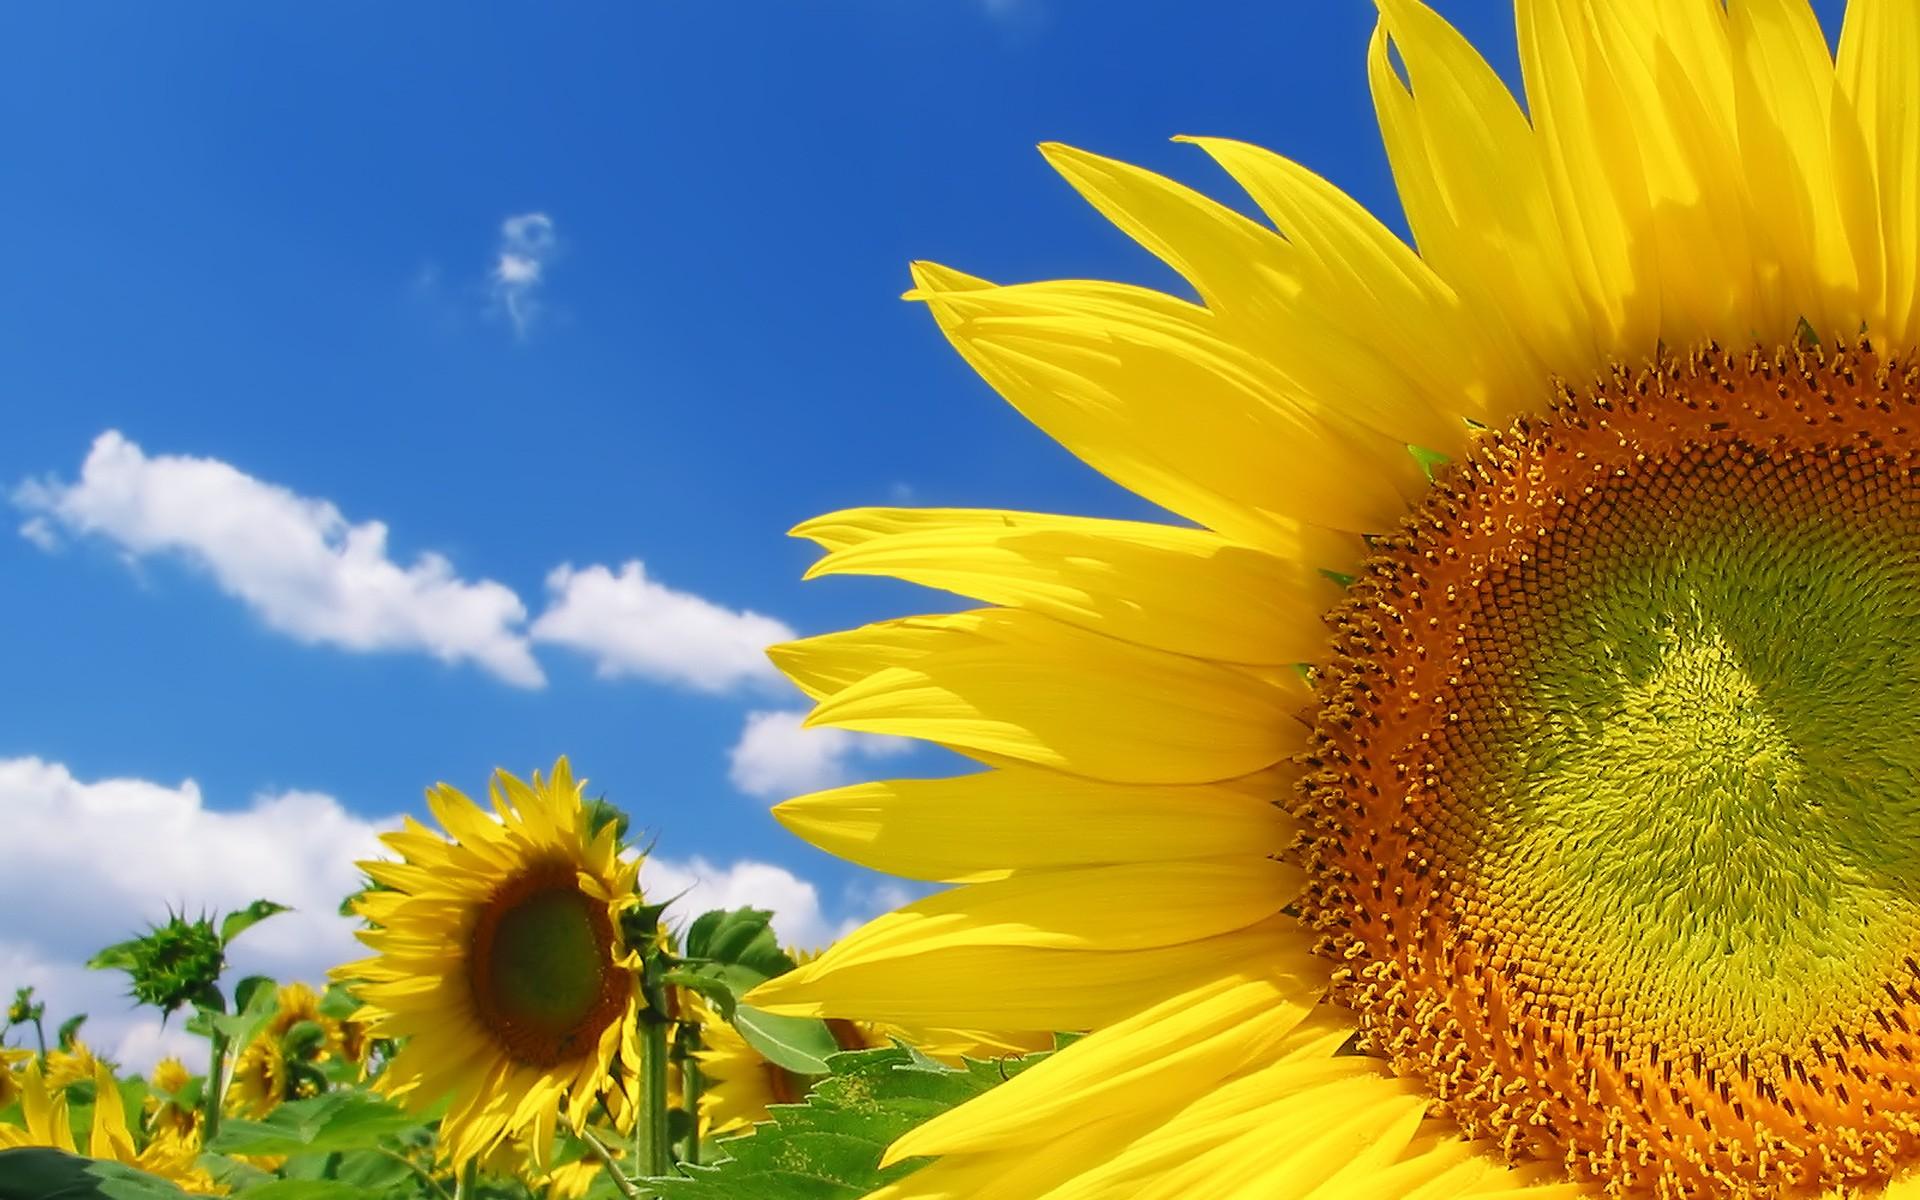 солнечного дня живые картинки лучшие стене евгении еще